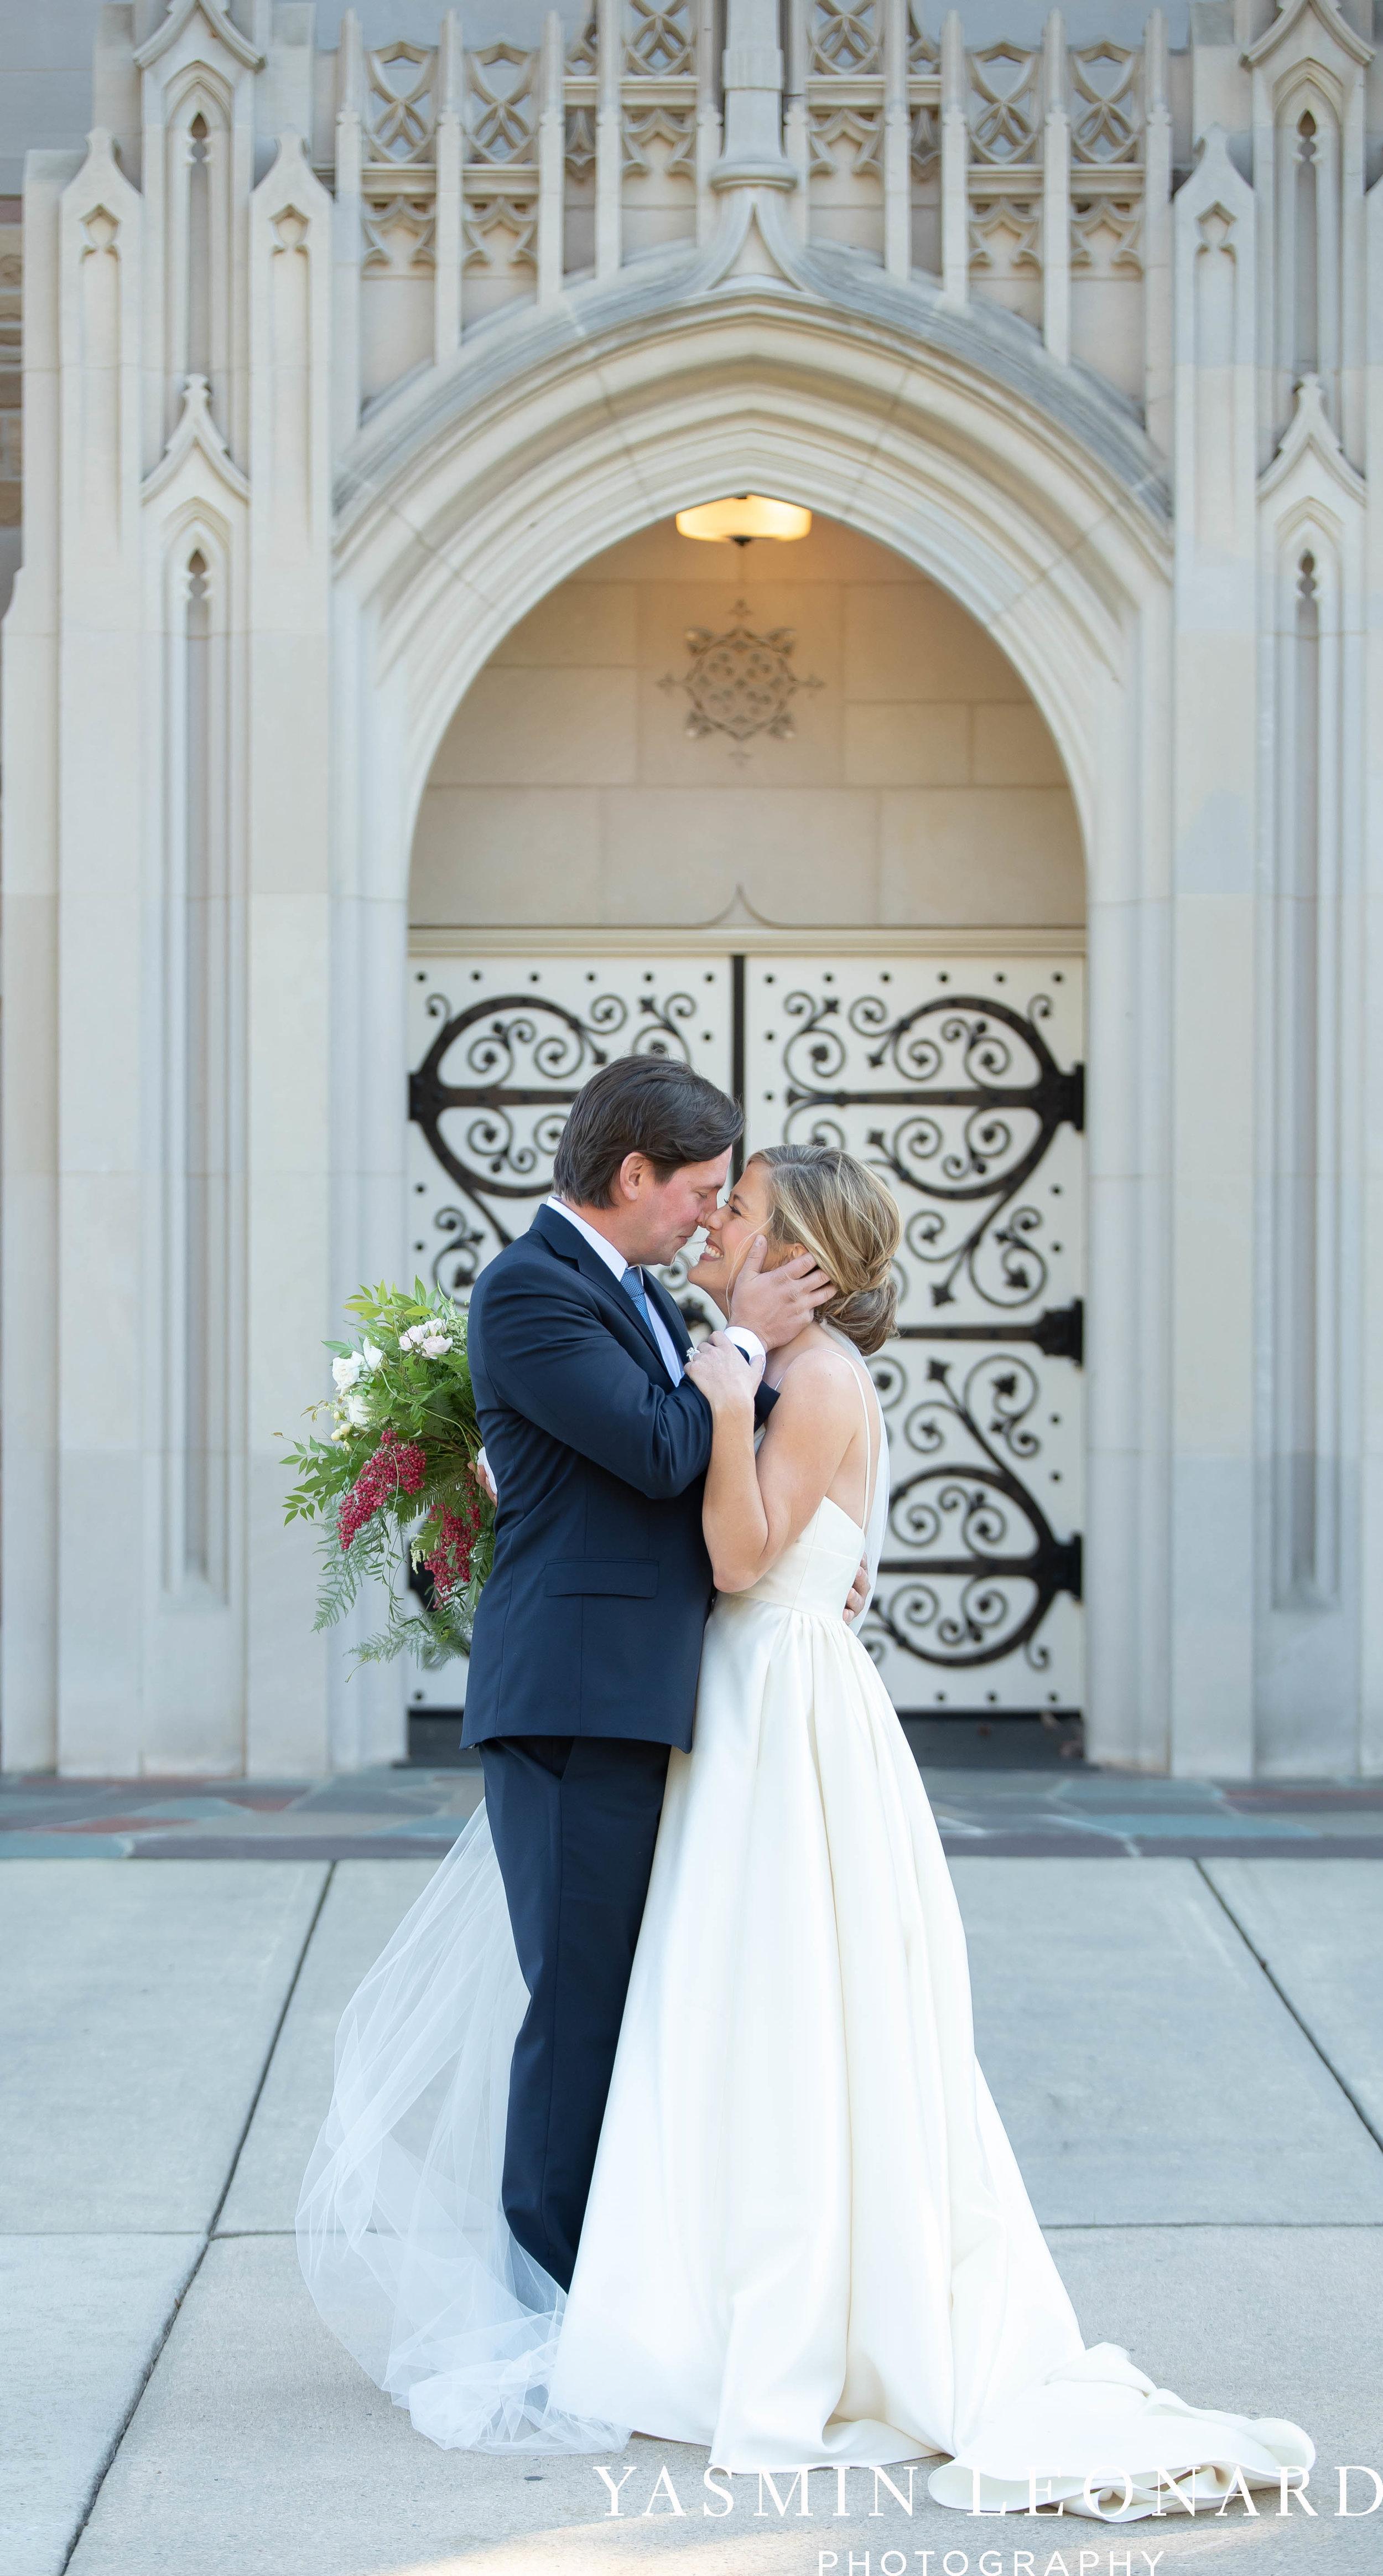 Wesley Memorial United Methodist Church - EmeryWood - High Point Weddings - High Point Wedding Photographer - NC Wedding Photographer - Yasmin Leonard Photography-37.jpg